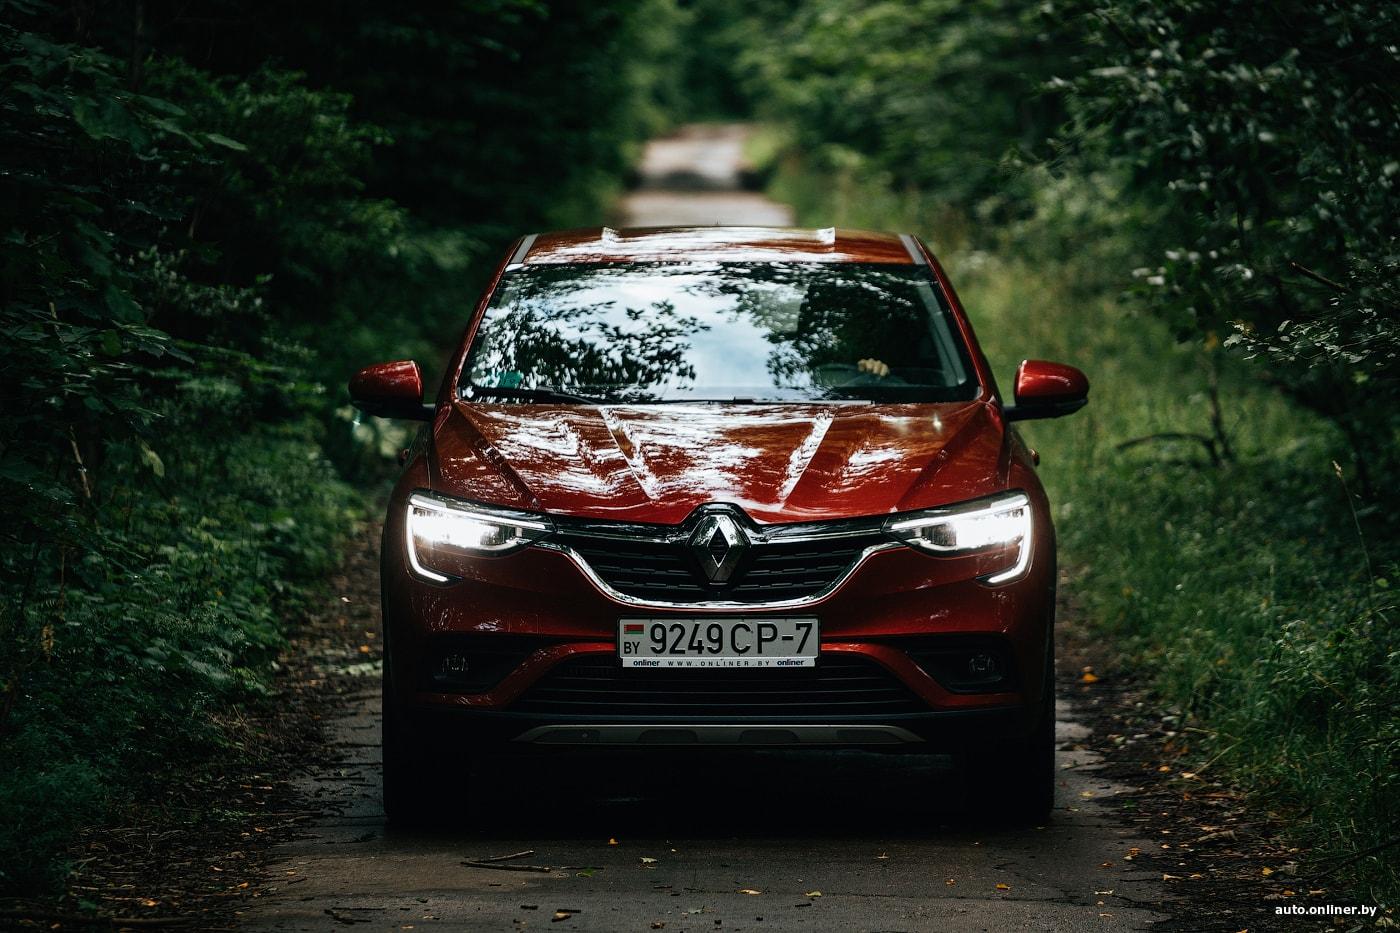 Renault Arkana через месяц после покупки. Что вылезло за 3600 км?(спецпроект)